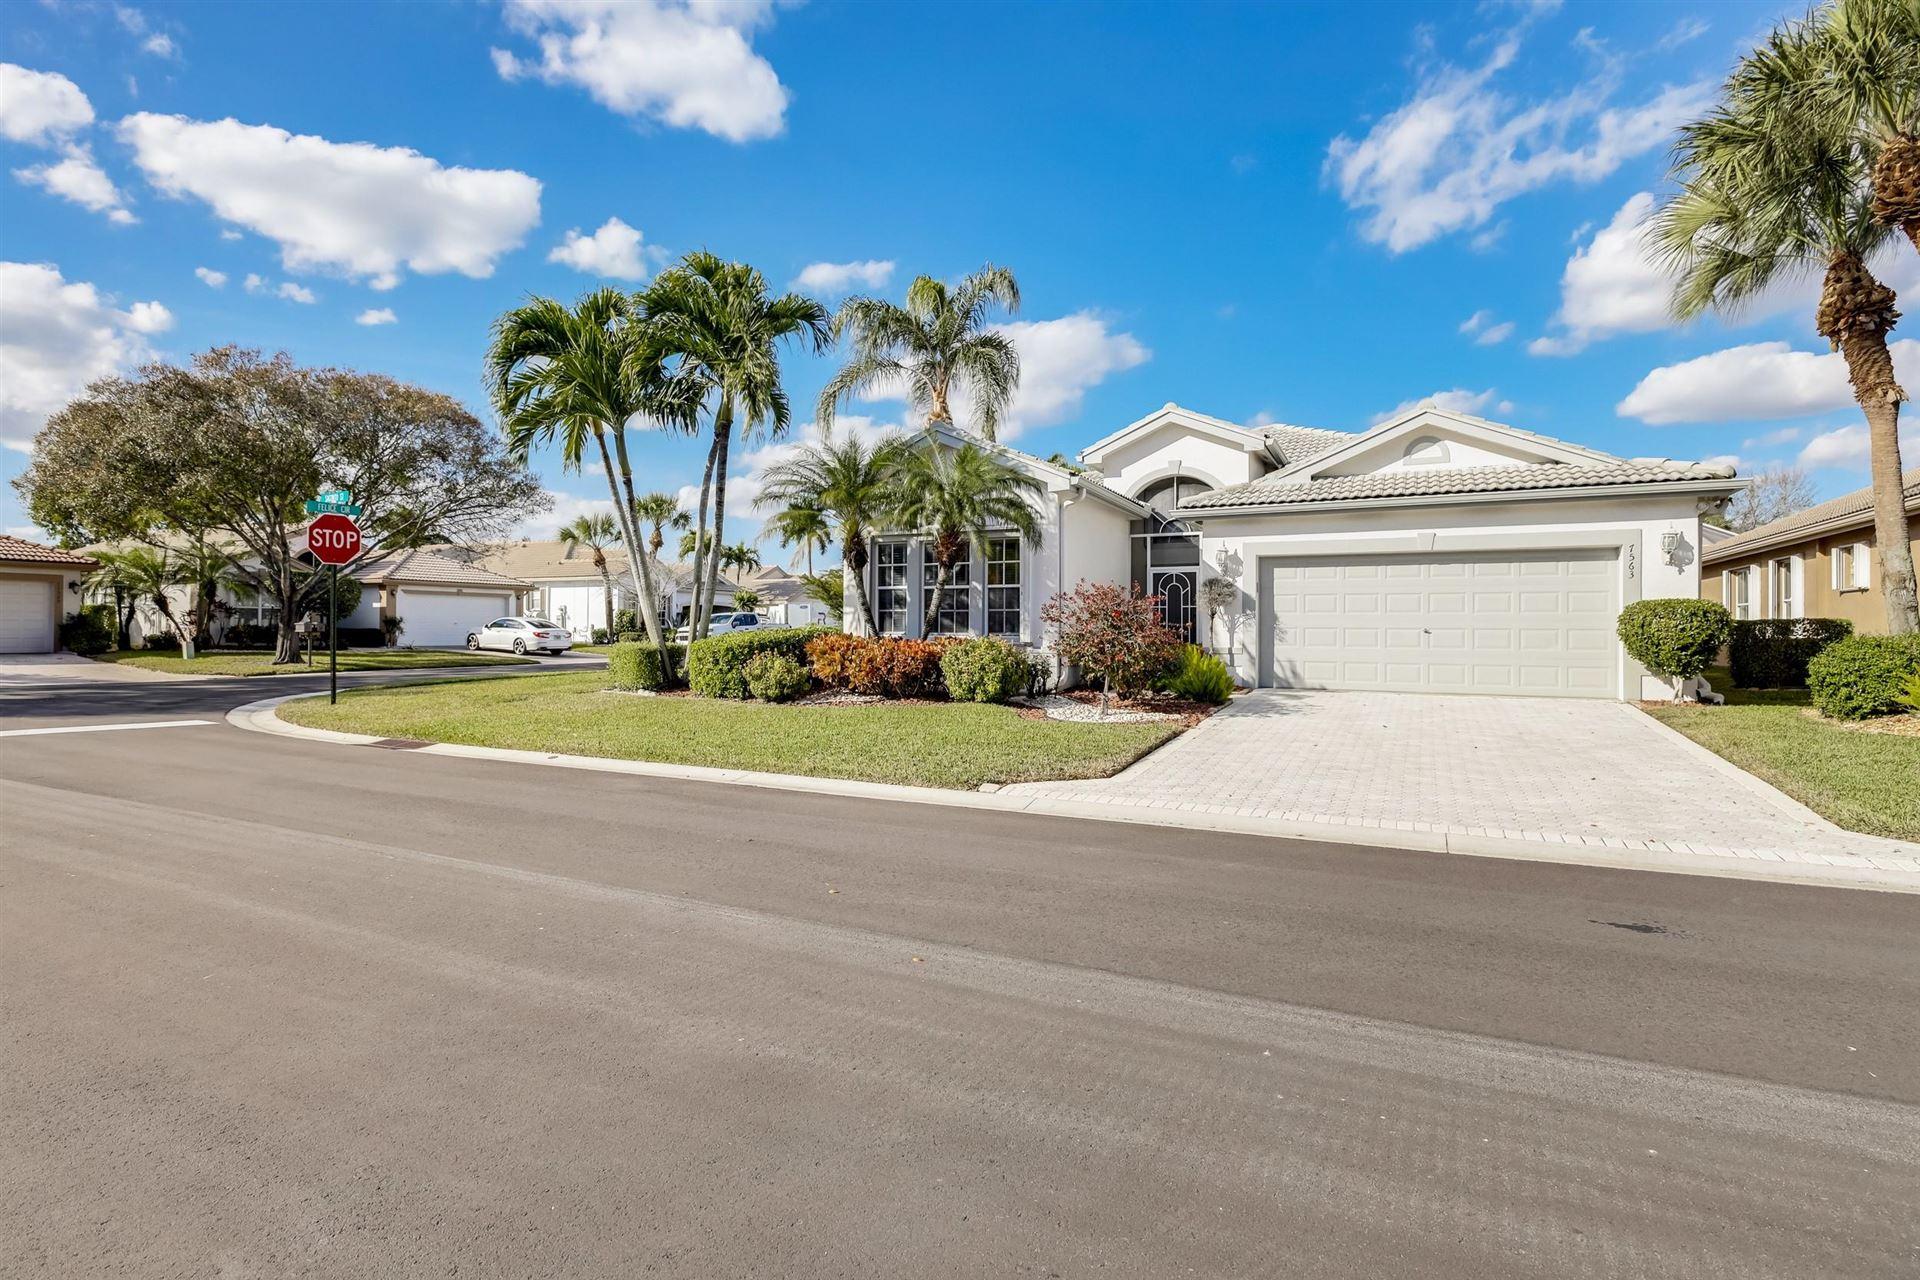 7563 Sagunto Street, Boynton Beach, FL 33437 - #: RX-10685404